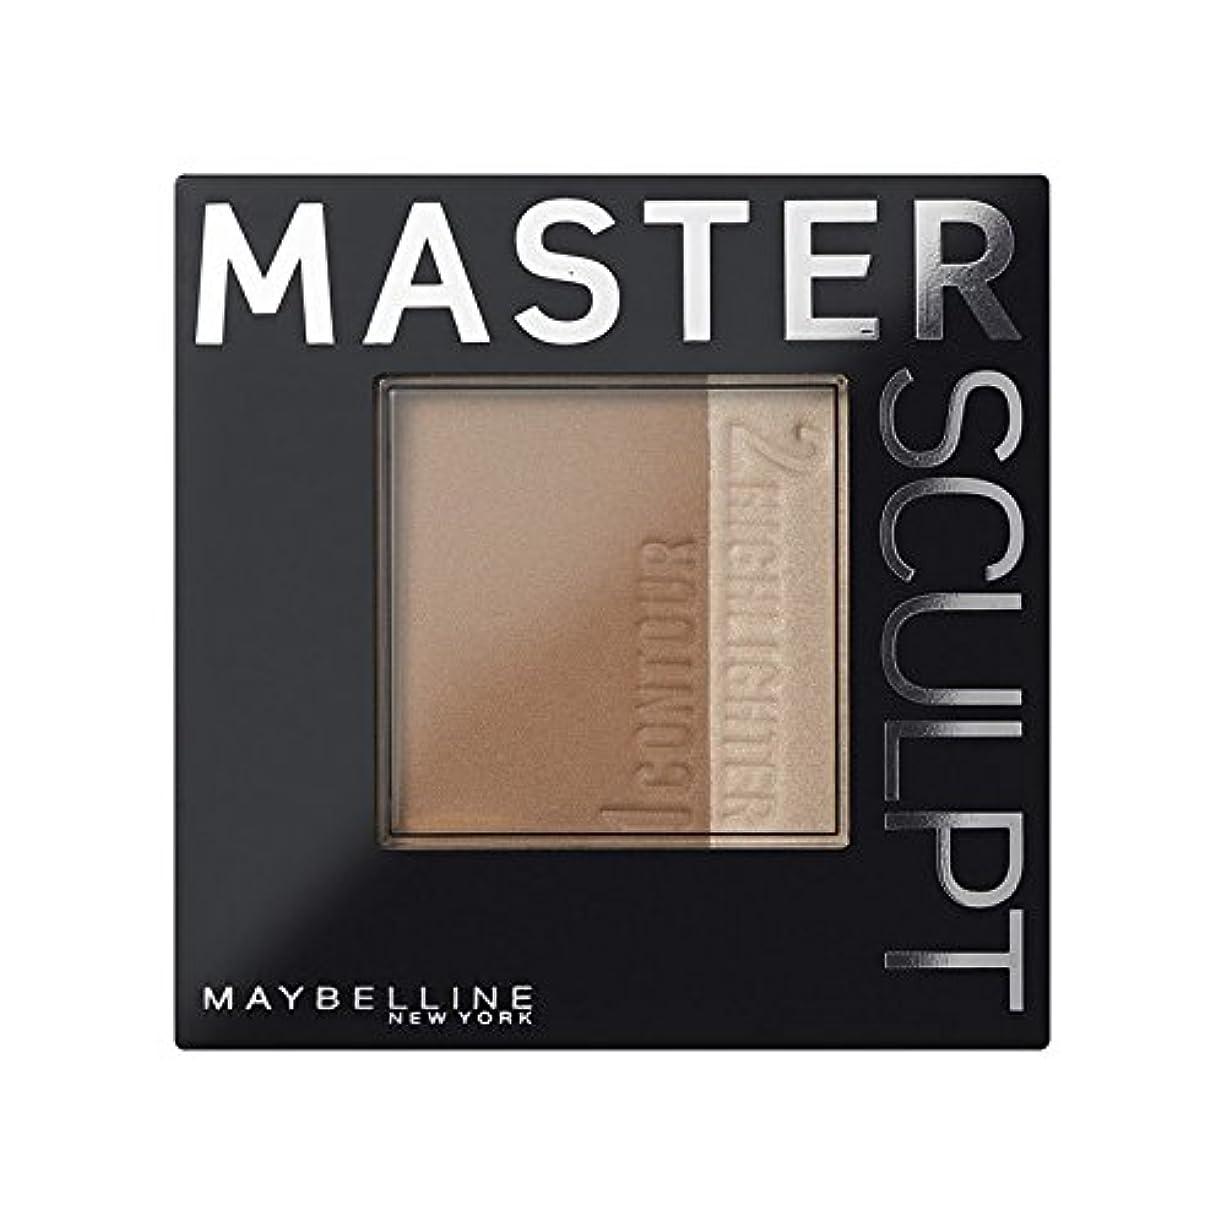 長椅子錫差し迫った土台01光/ を輪郭メイベリンマスタースカルプト x2 - Maybelline Master Sculpt Contouring Foundation 01 Light/Med (Pack of 2) [並行輸入品]